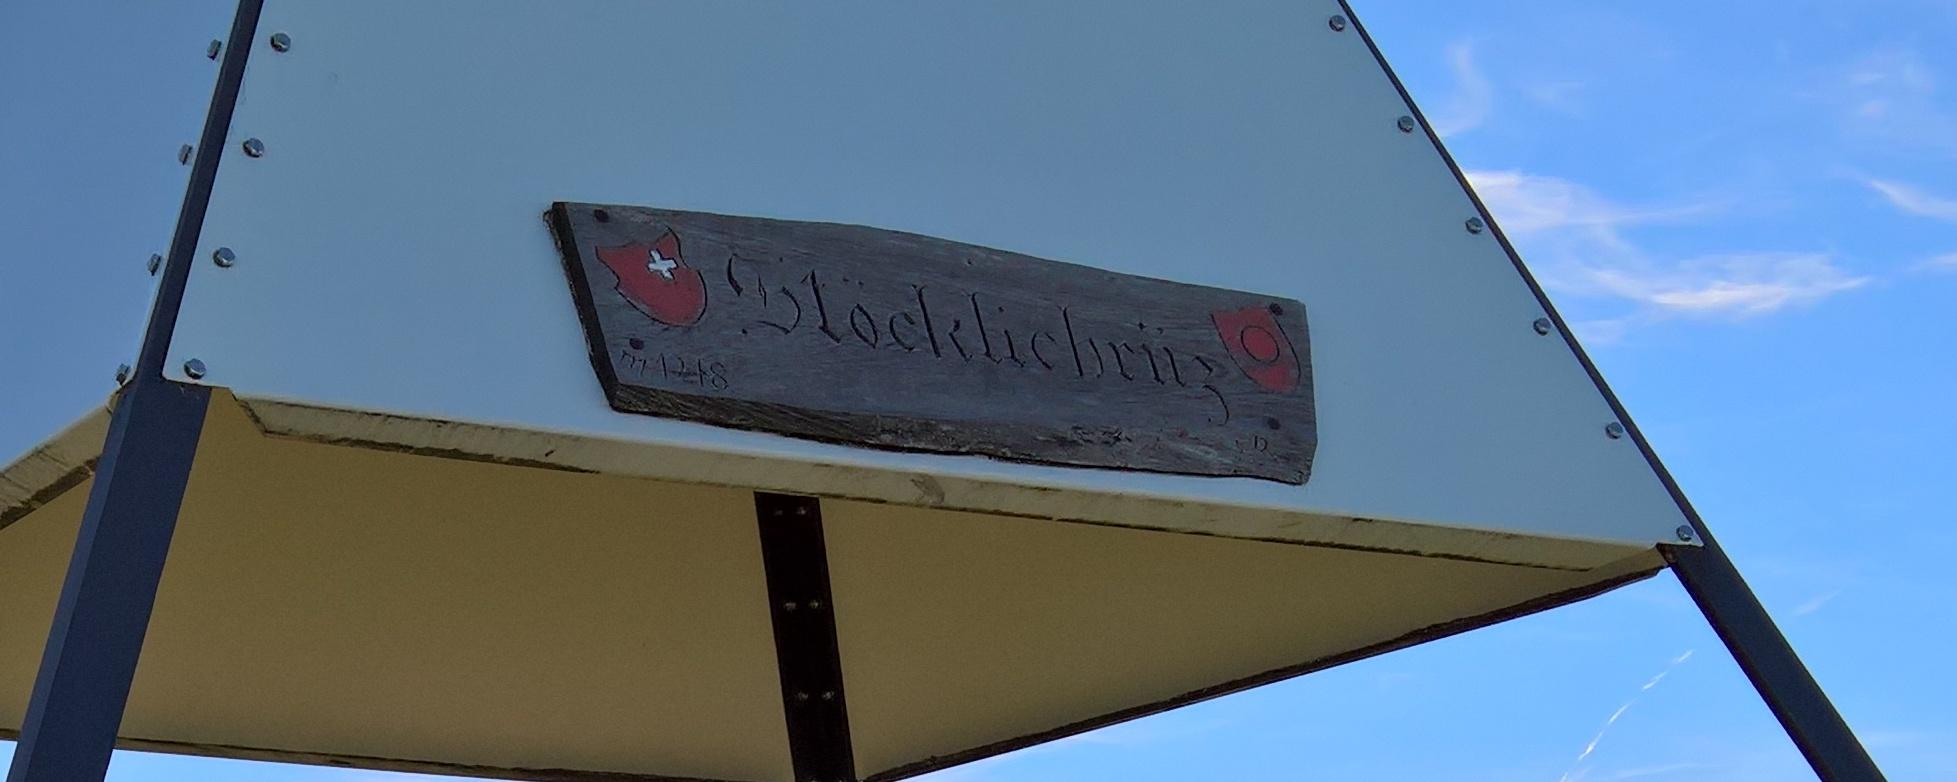 Ride to the Stöcklichrüz